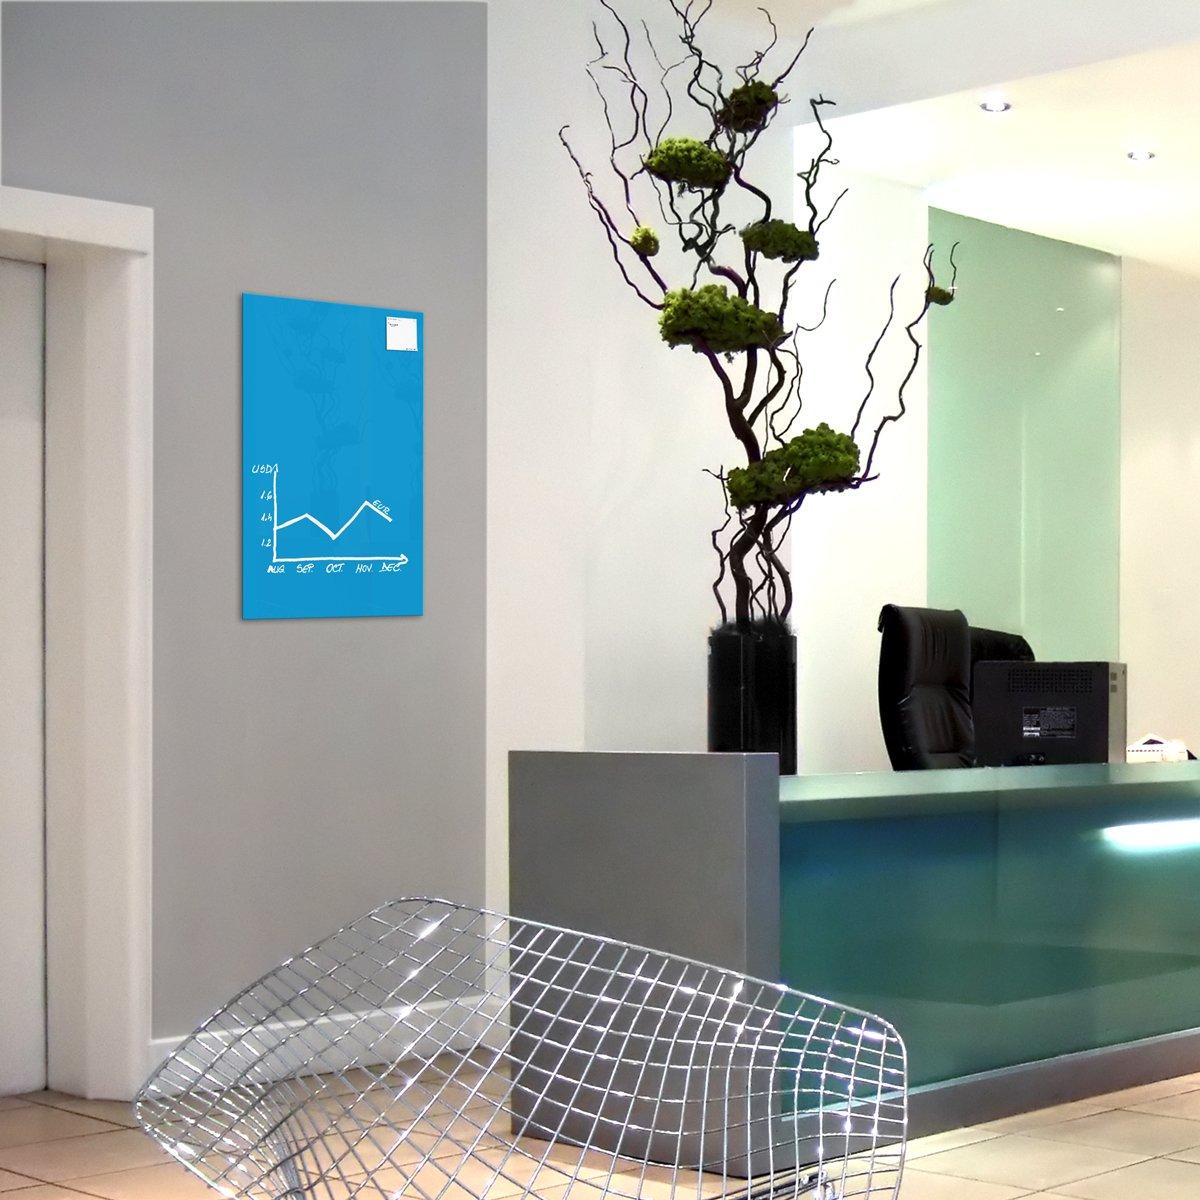 78 x 48 cm colore: Blu Lavagna magnetica in vetro // Lavagnetta 1 pennarello 2 magneti SmartGlassBoard /®